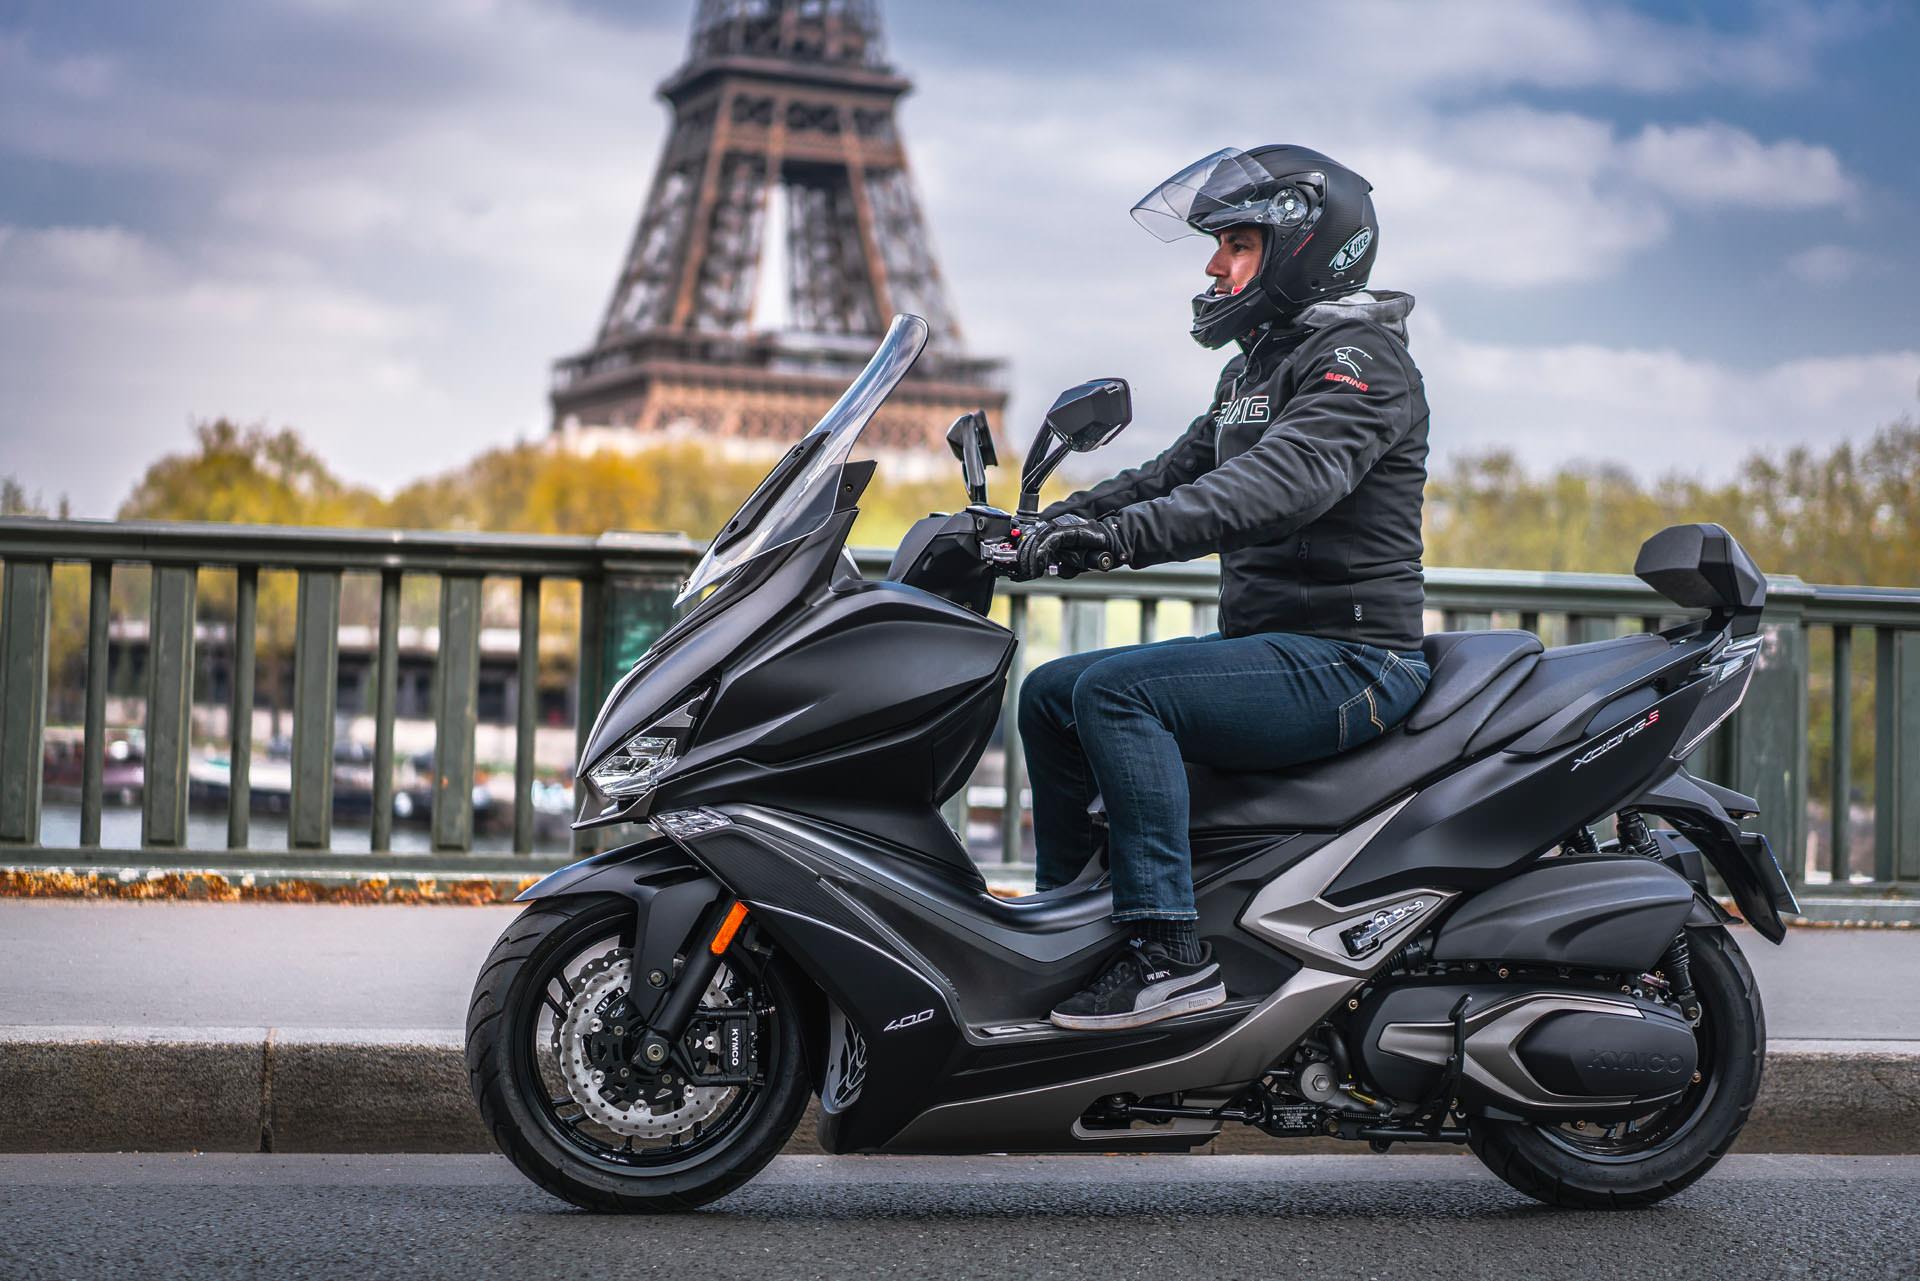 2019-04-12 - Kymco - Paris - 08076 - 1920px